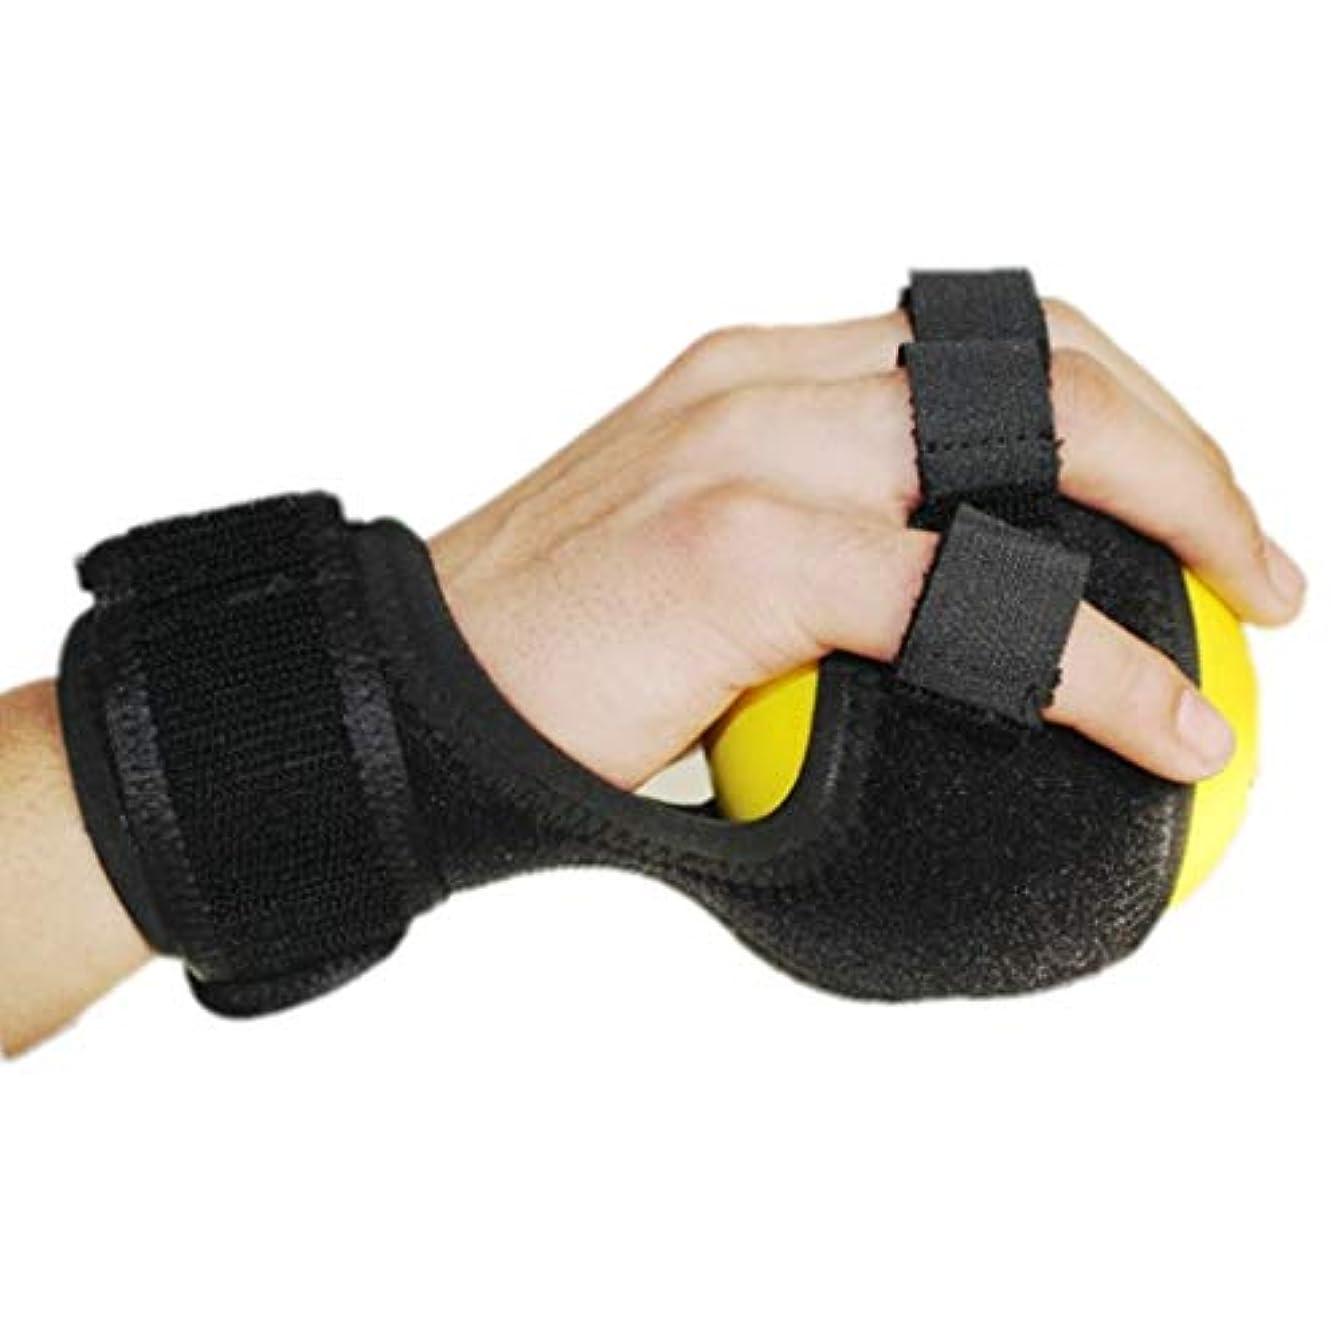 社会主義無条件重くするグリップボールは手をつない機能障害アンチスクワット指補正デバイスのデバイストレーニング機器ストローク片麻痺リハビリトレーニングデバイスを参照します